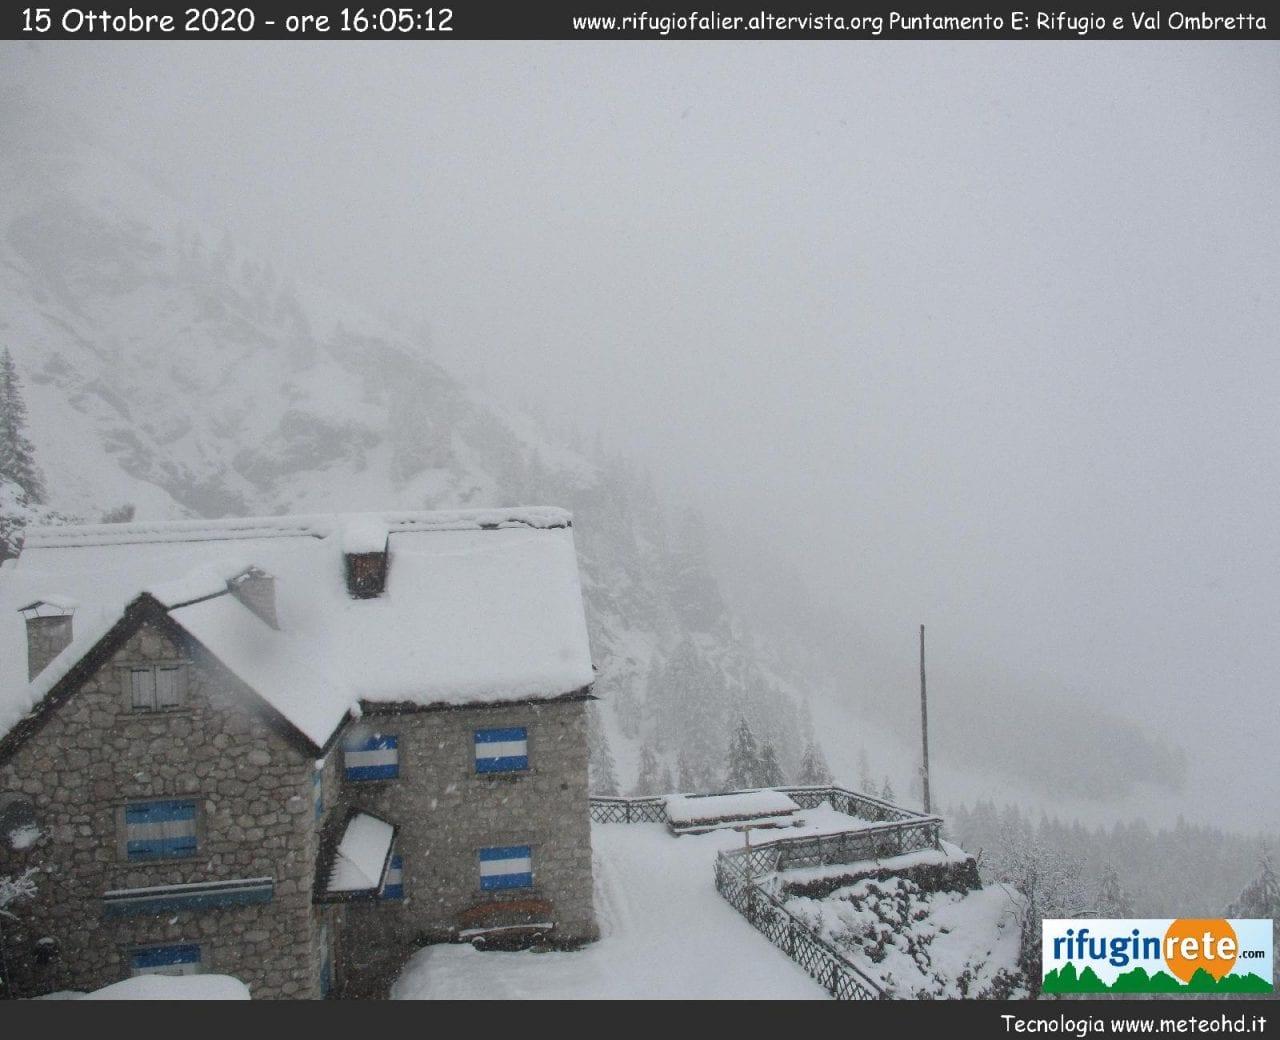 c7babdcb 215d 4c16 893e 7678f751590f - Veneto, abbondanti nevicate tra le Alpi e le Prealpi: galleria fotografica